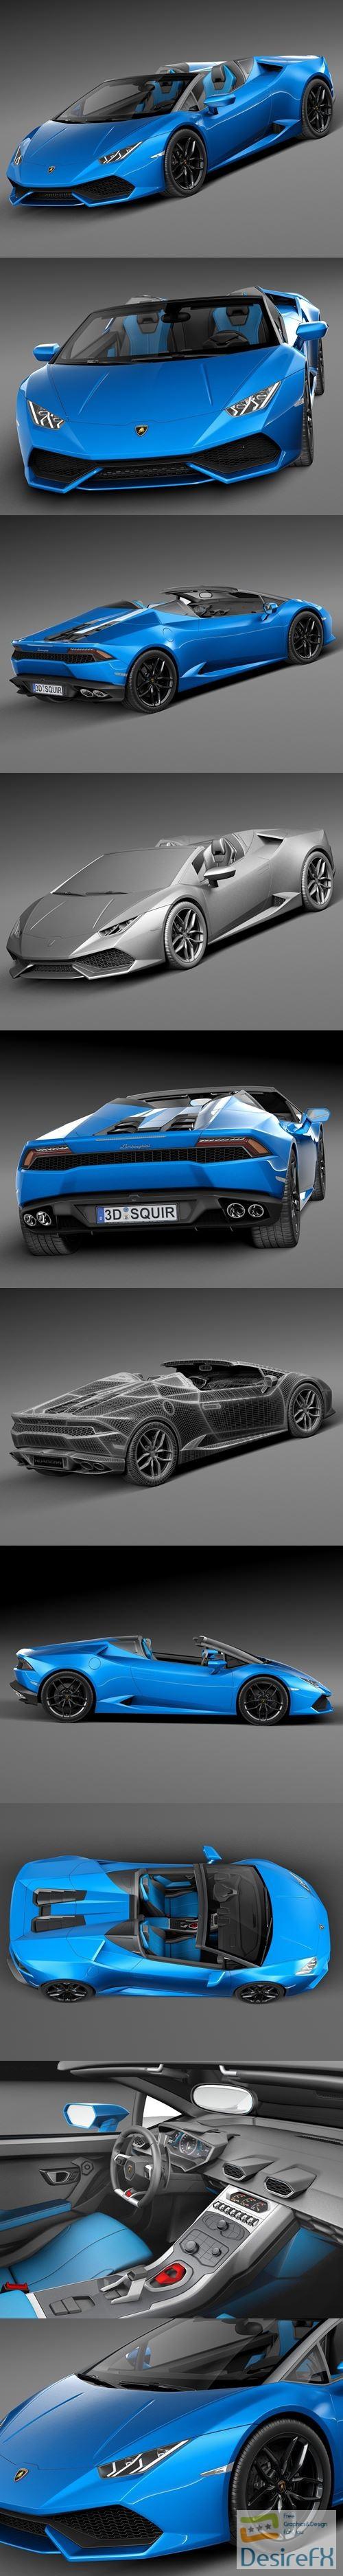 Lamborghini Huracan LP610-4 Spyder 2017 3D Model